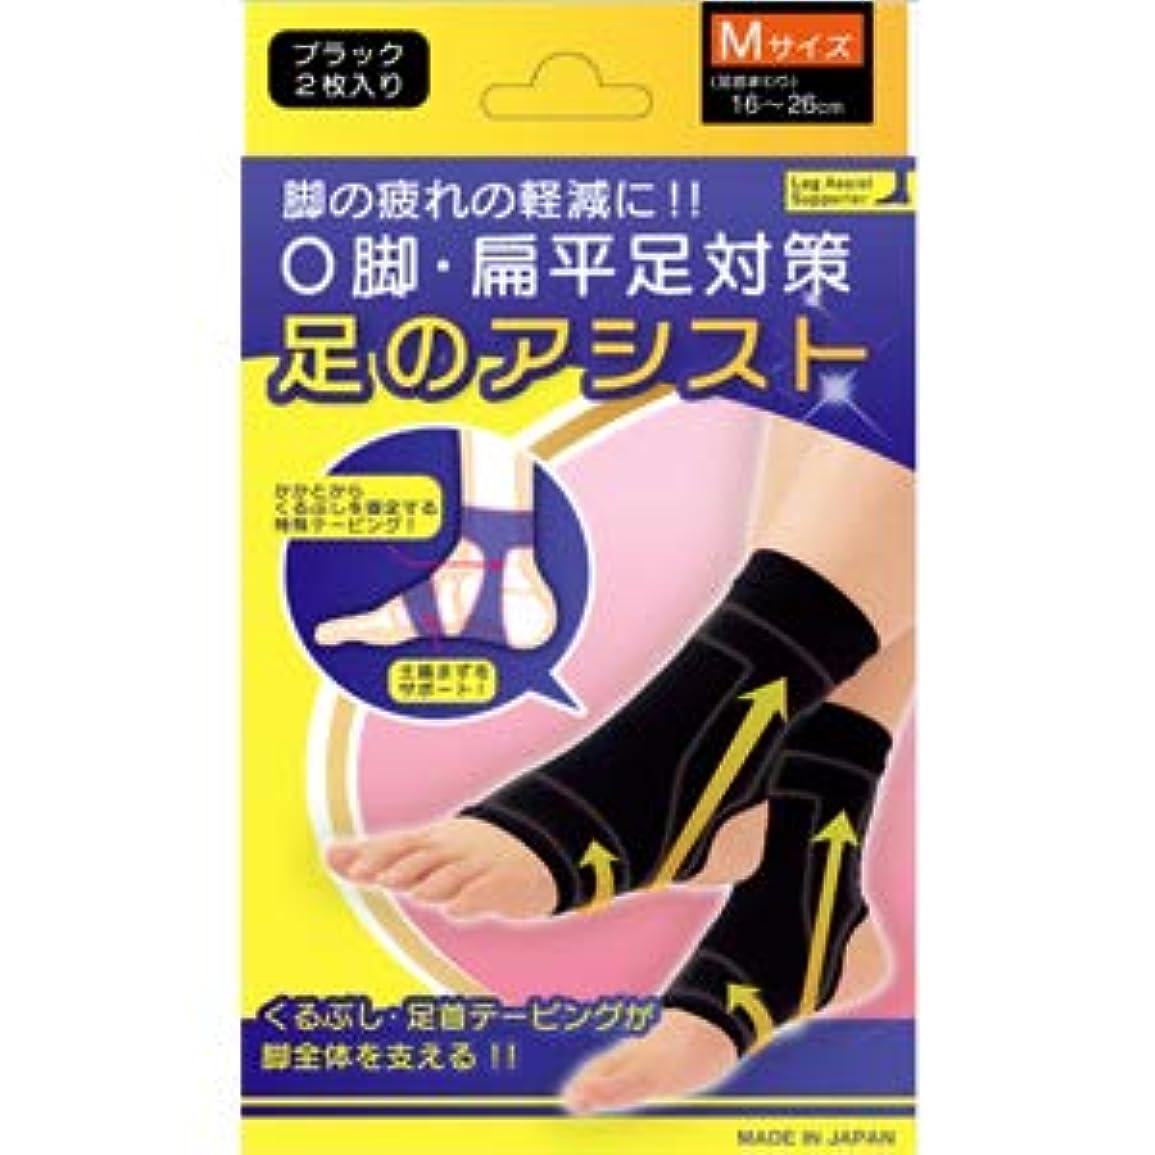 周術期排除する頬骨美脚足のアシスト ブラック 2枚入り Mサイズ(足首まわり16~26cm)